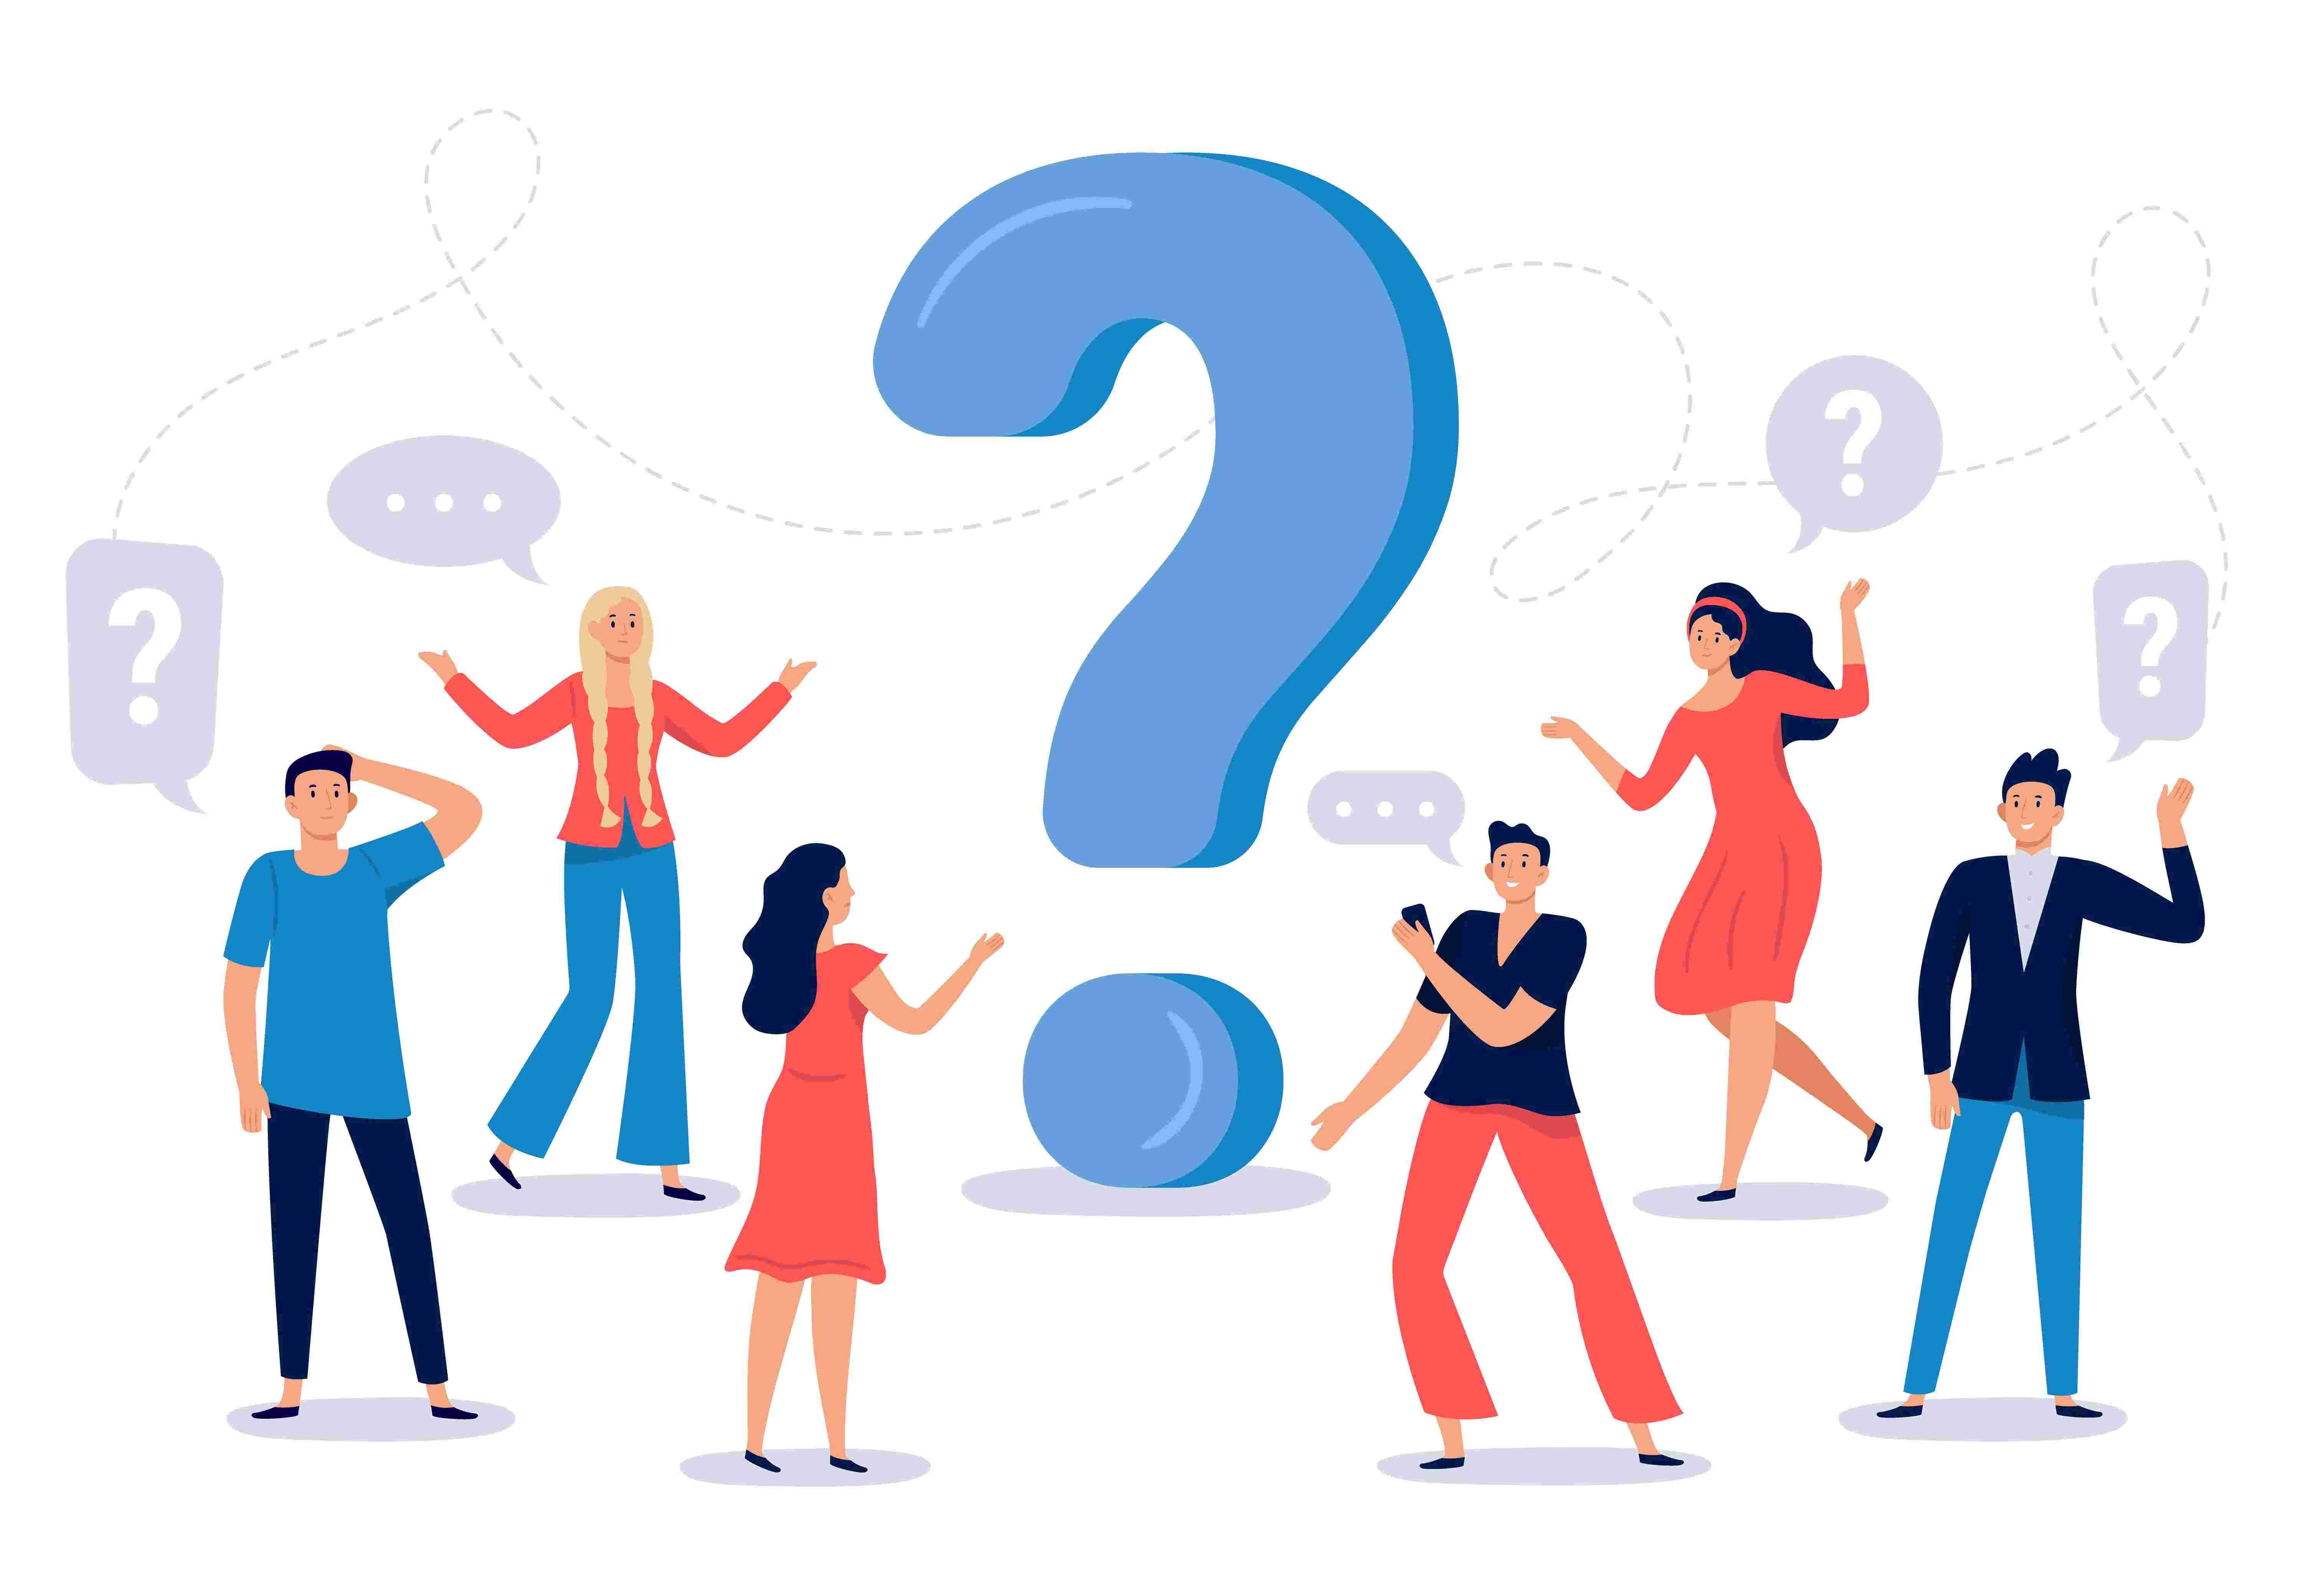 سوالات متداول سامانه آموزش مجازی